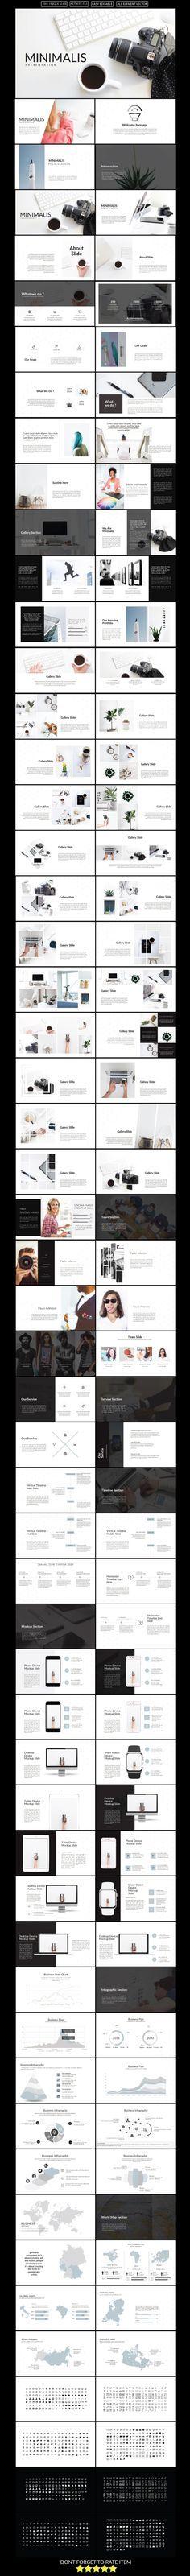 Minimalis Multipurpose Keynote Presentation Template